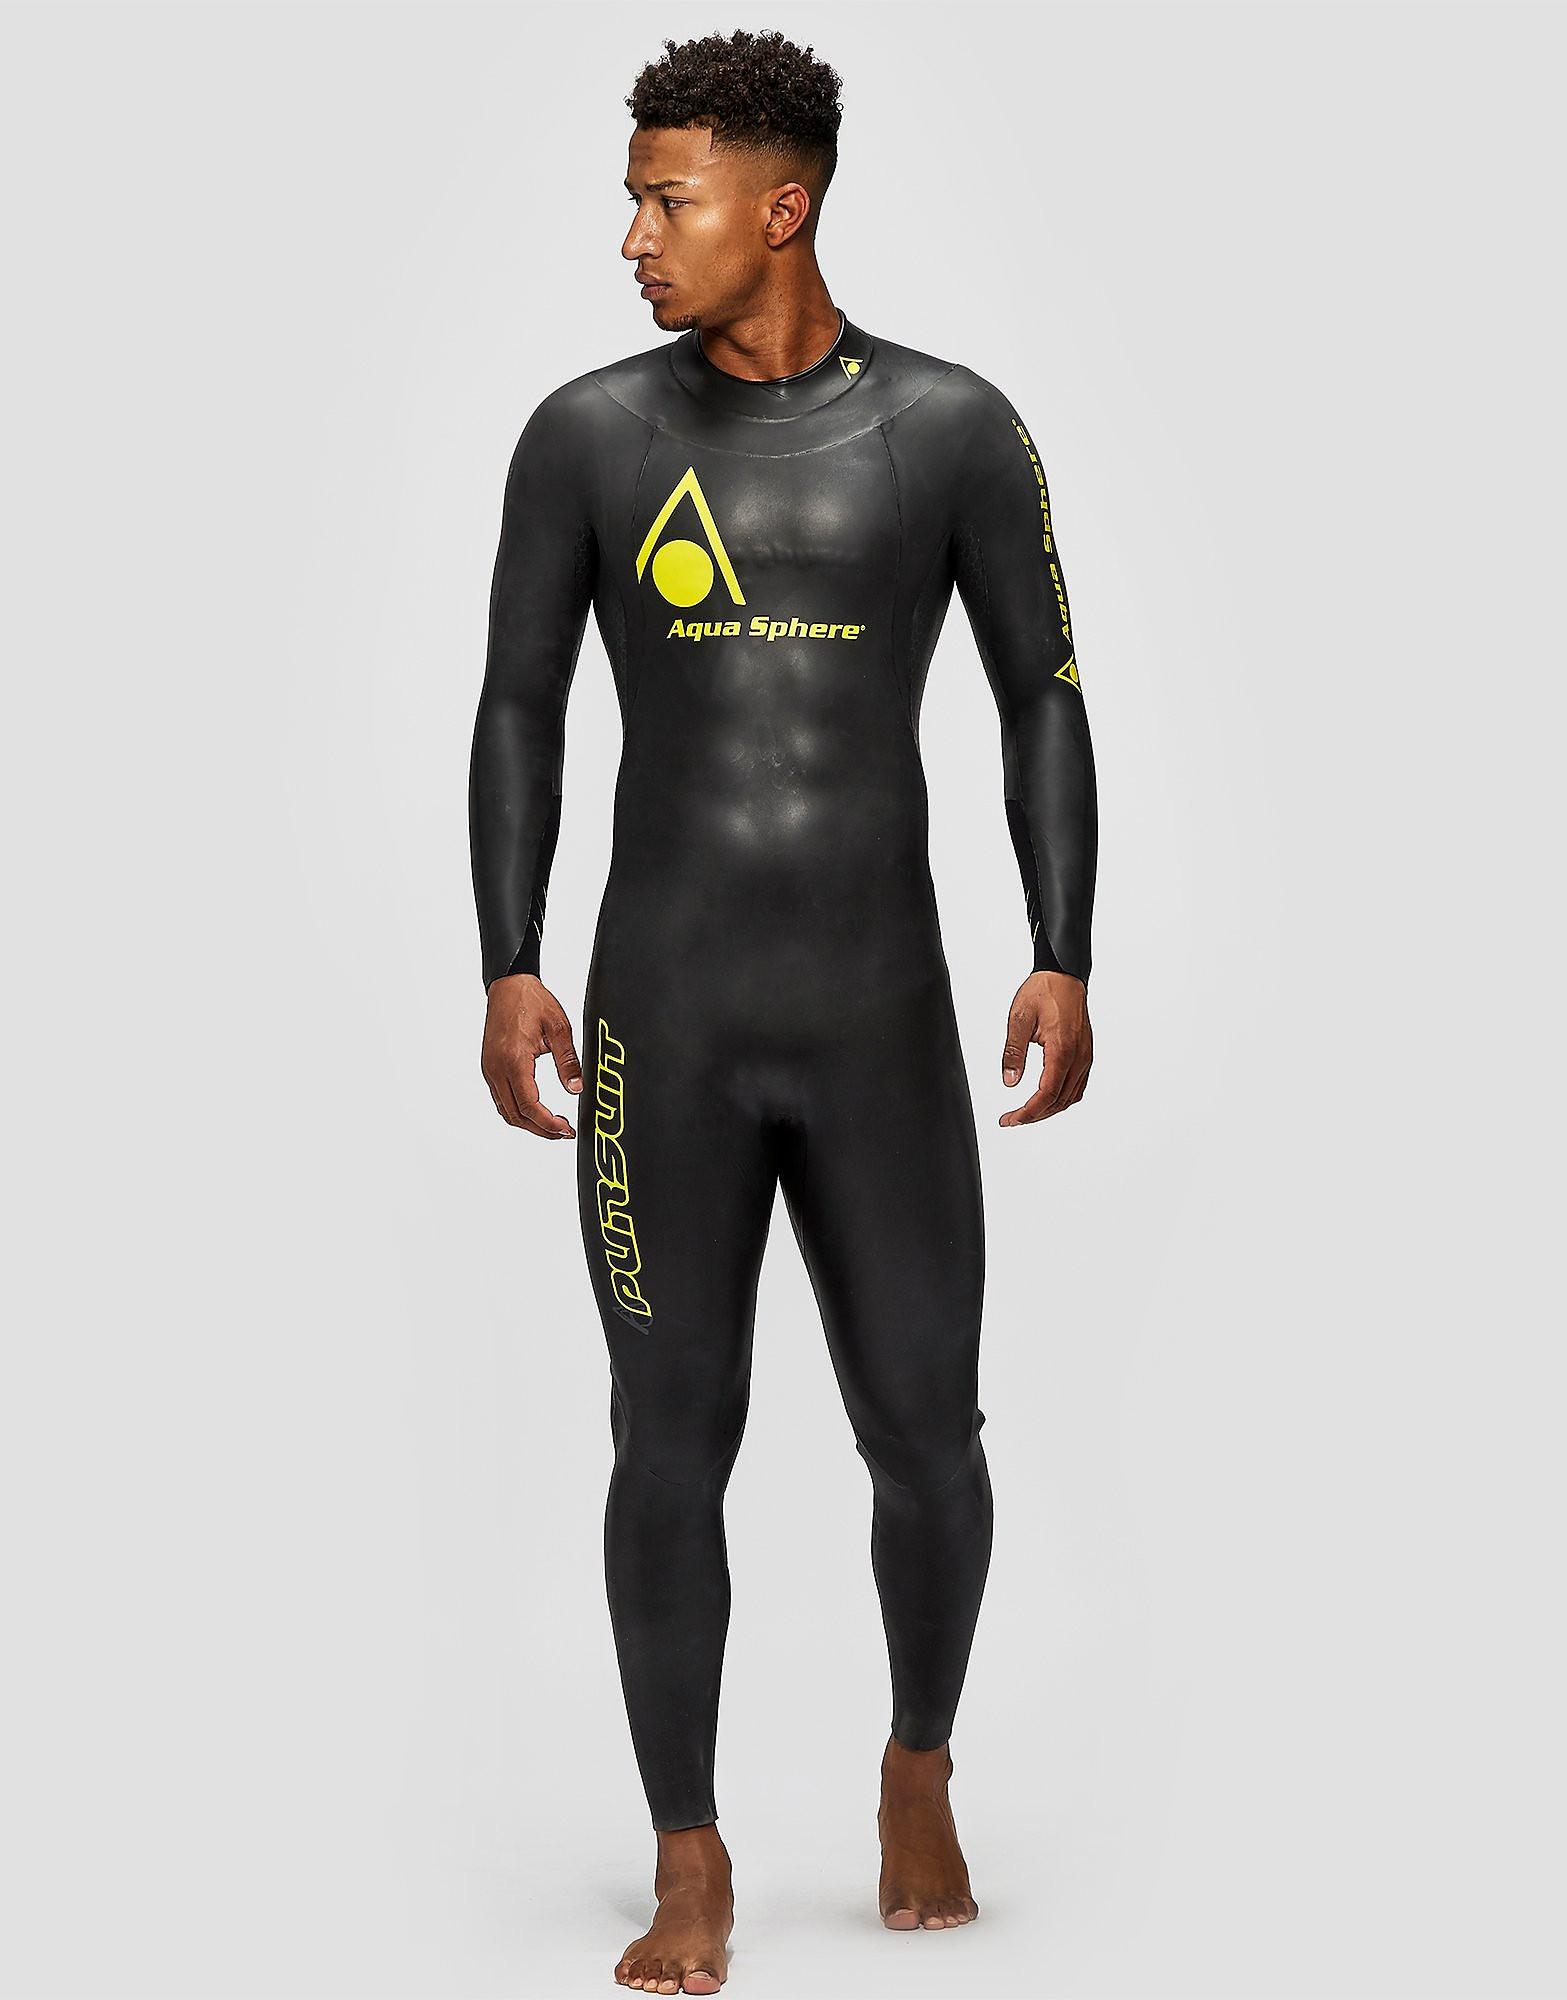 Aqua Sphere Pursuit Full Sleeve Men's Wetsuit